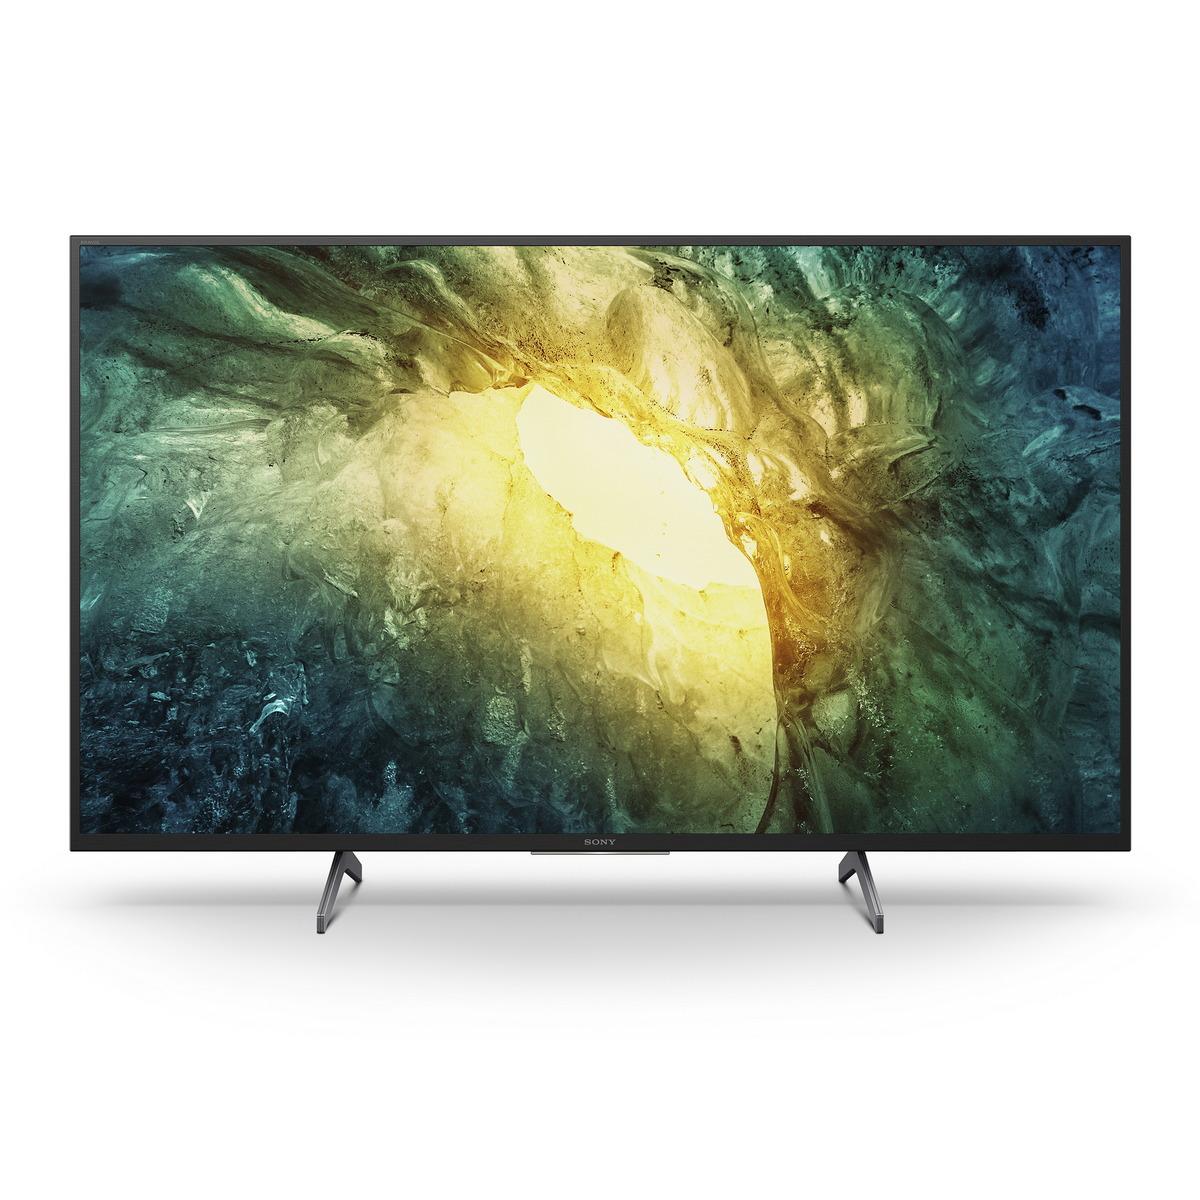 TV UHD LED (49